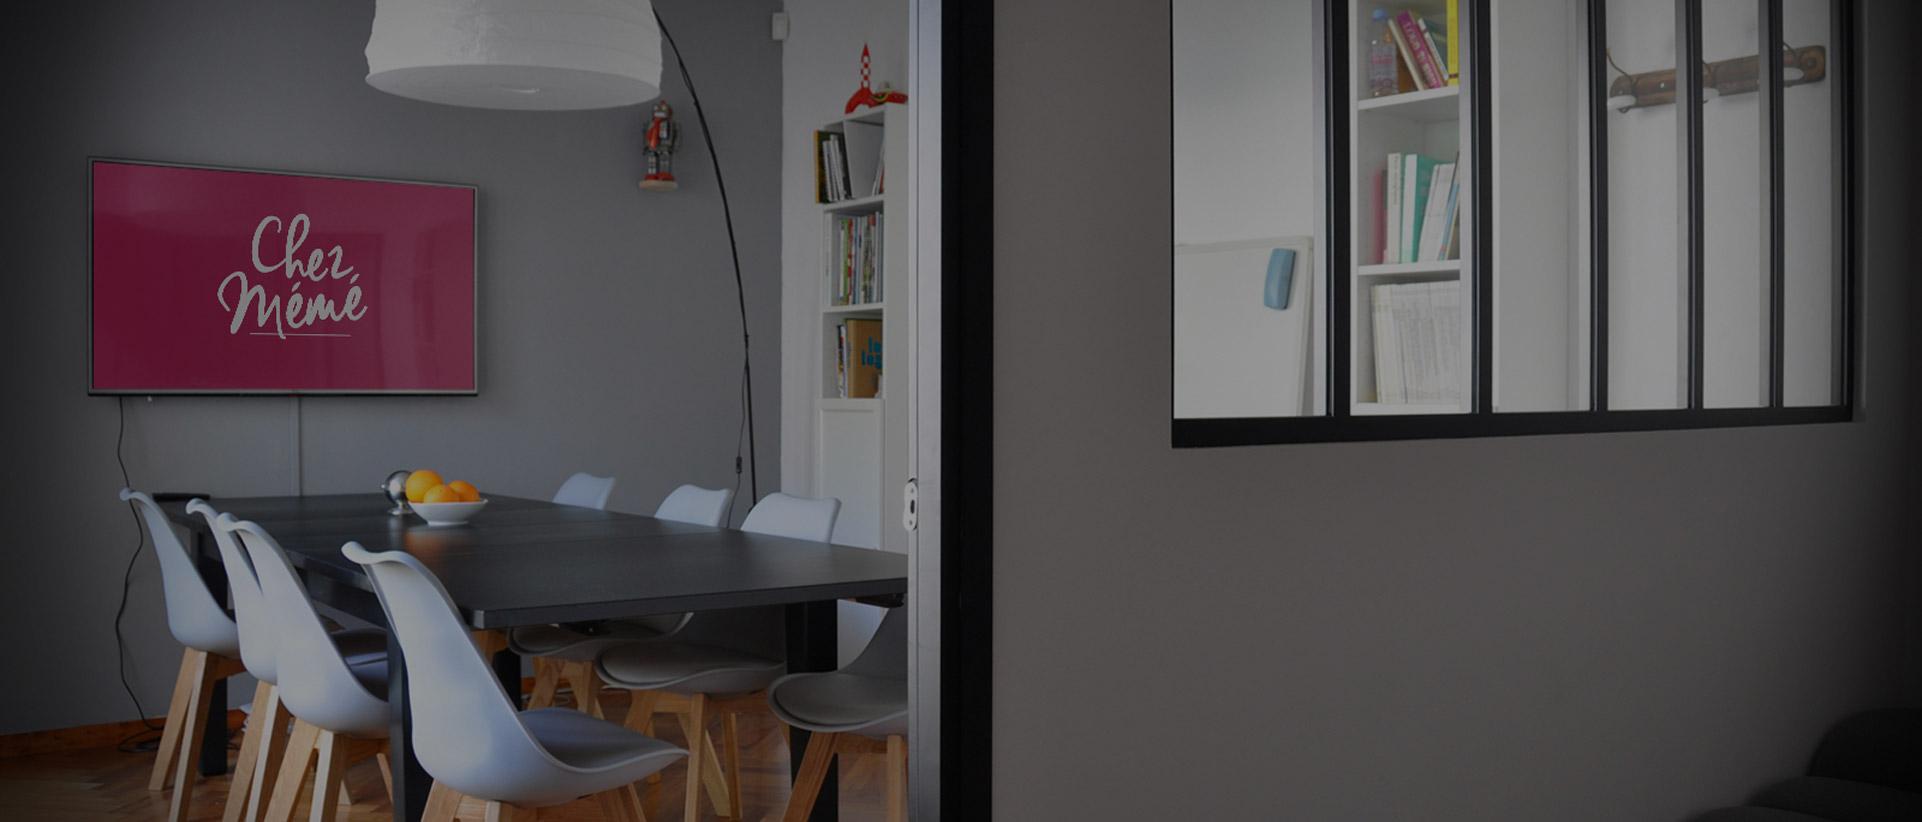 Chez Mémé : Espace Coworking en Essonne (91) - Réservation salle de réunion